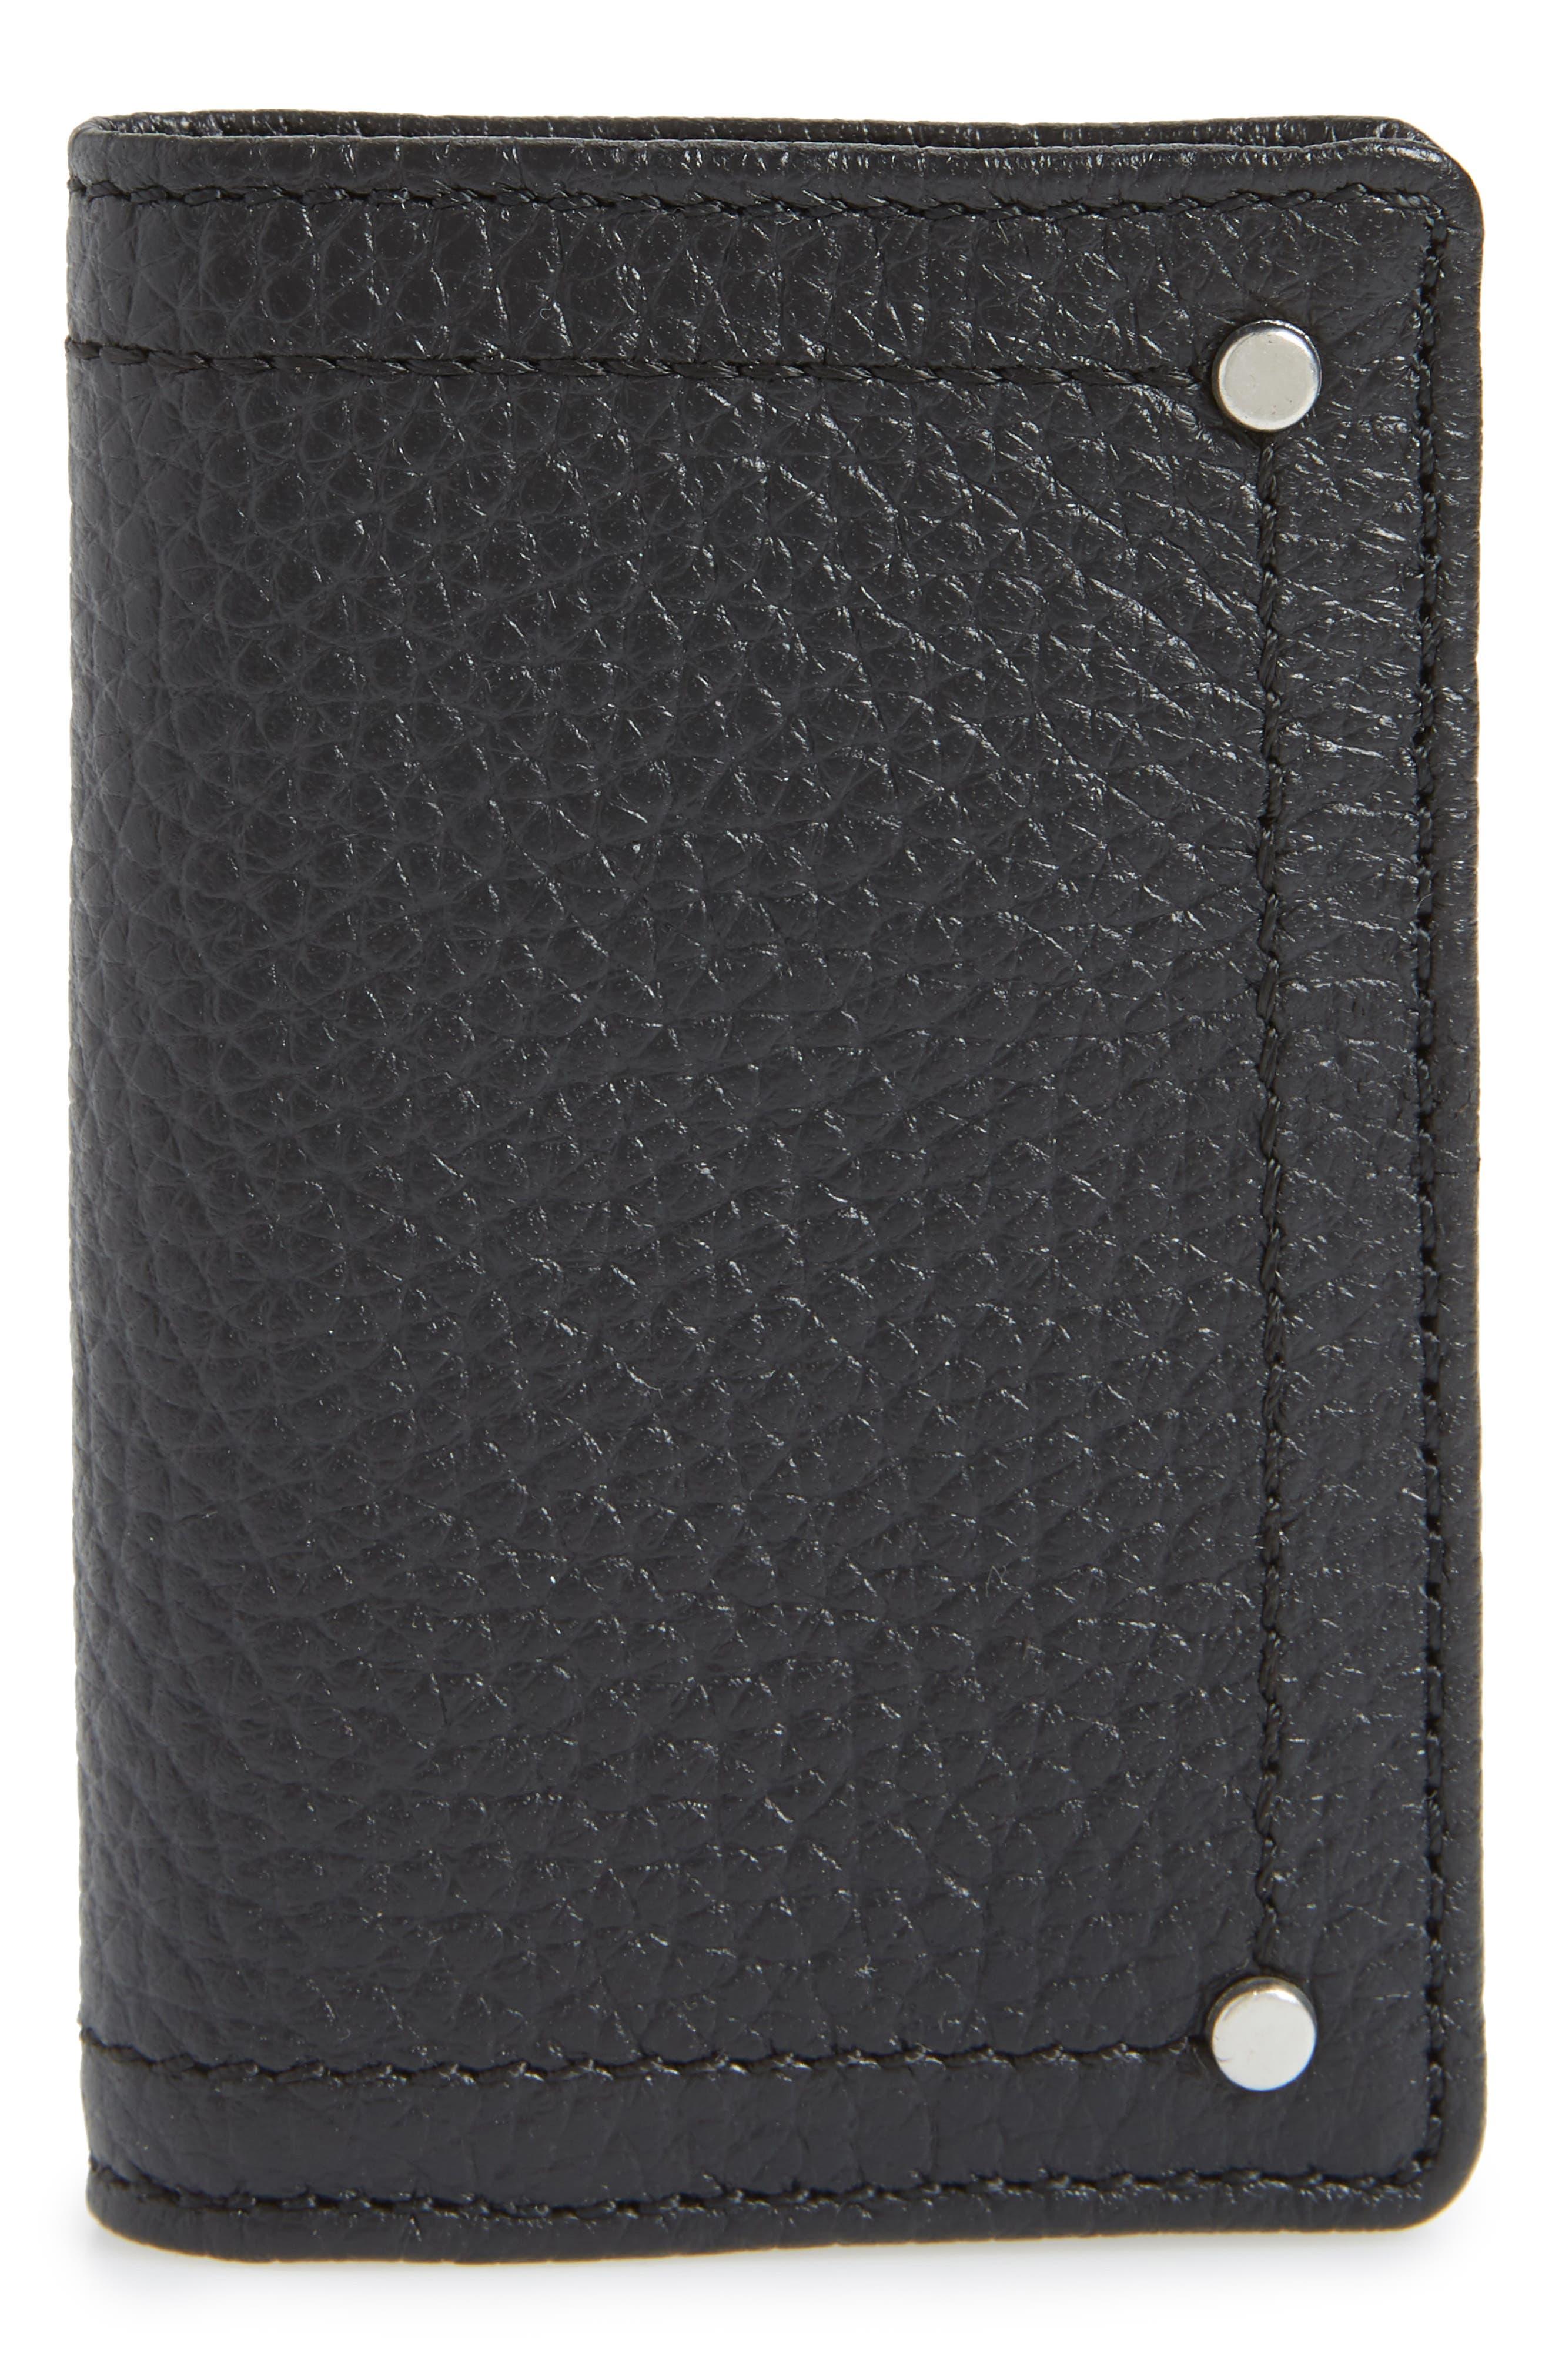 Devon Pebbled Leather Card Case,                             Main thumbnail 1, color,                             BLACK